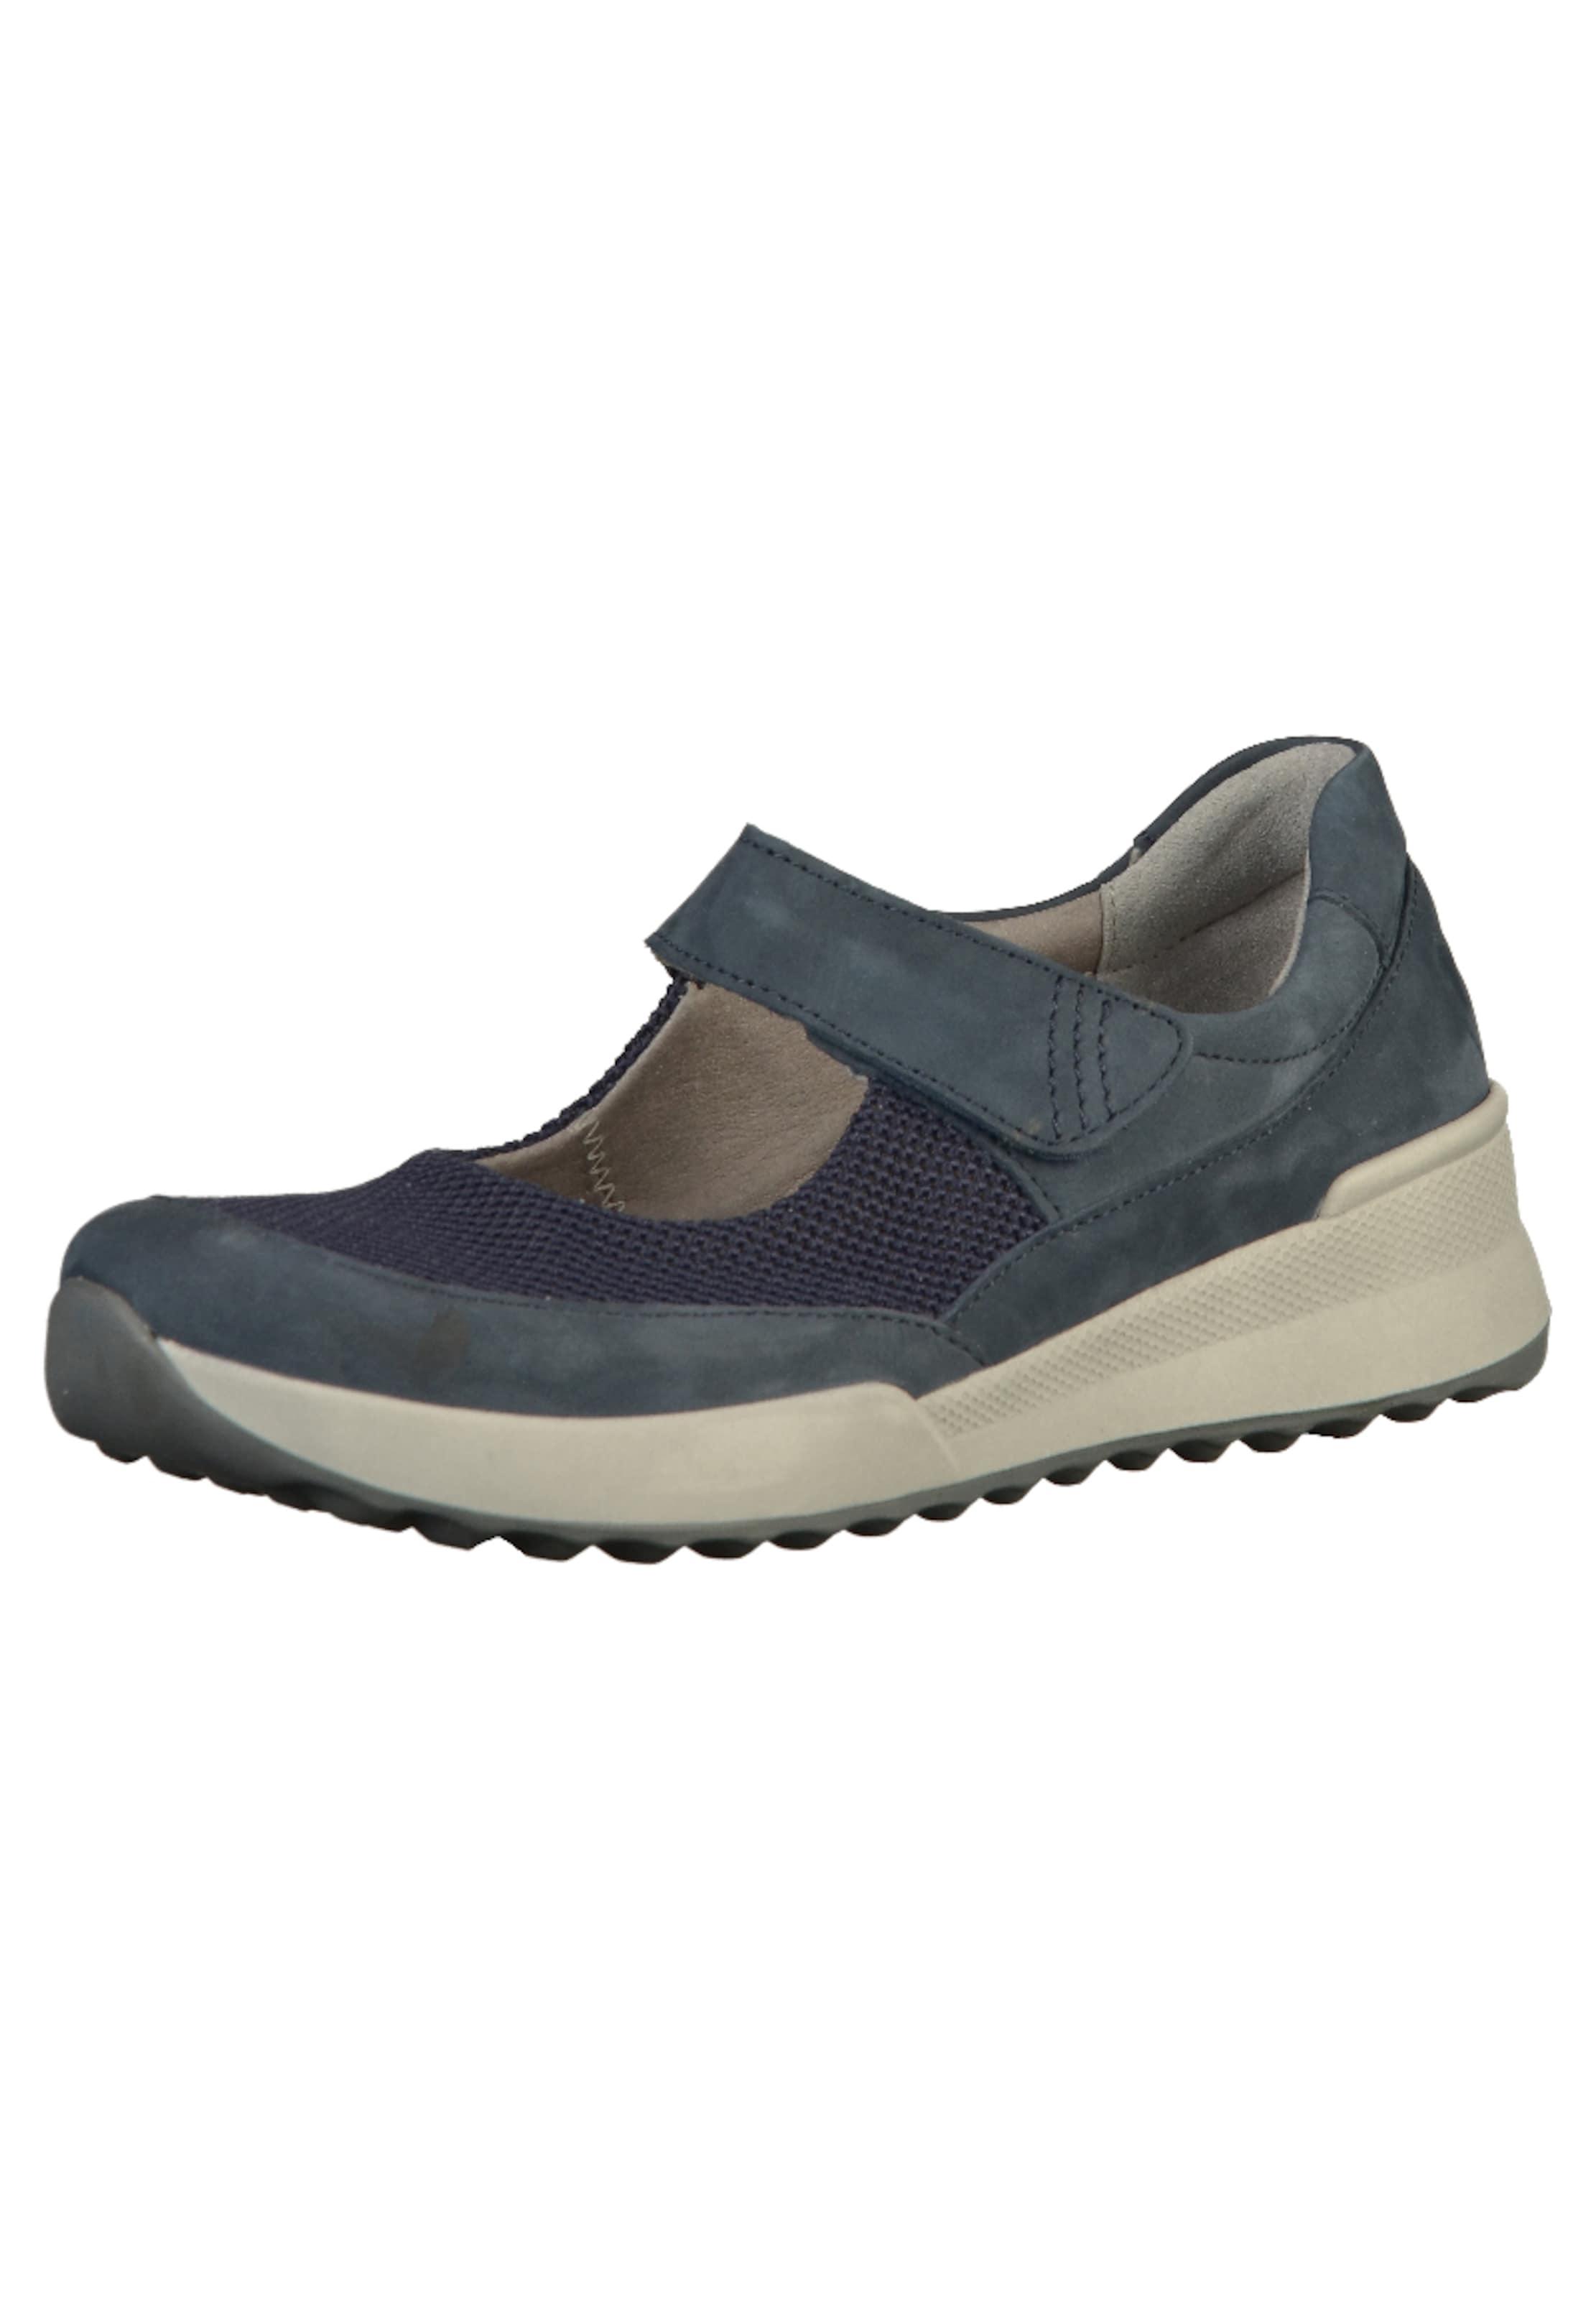 ROMIKA Halbschuhe Günstige und langlebige Schuhe